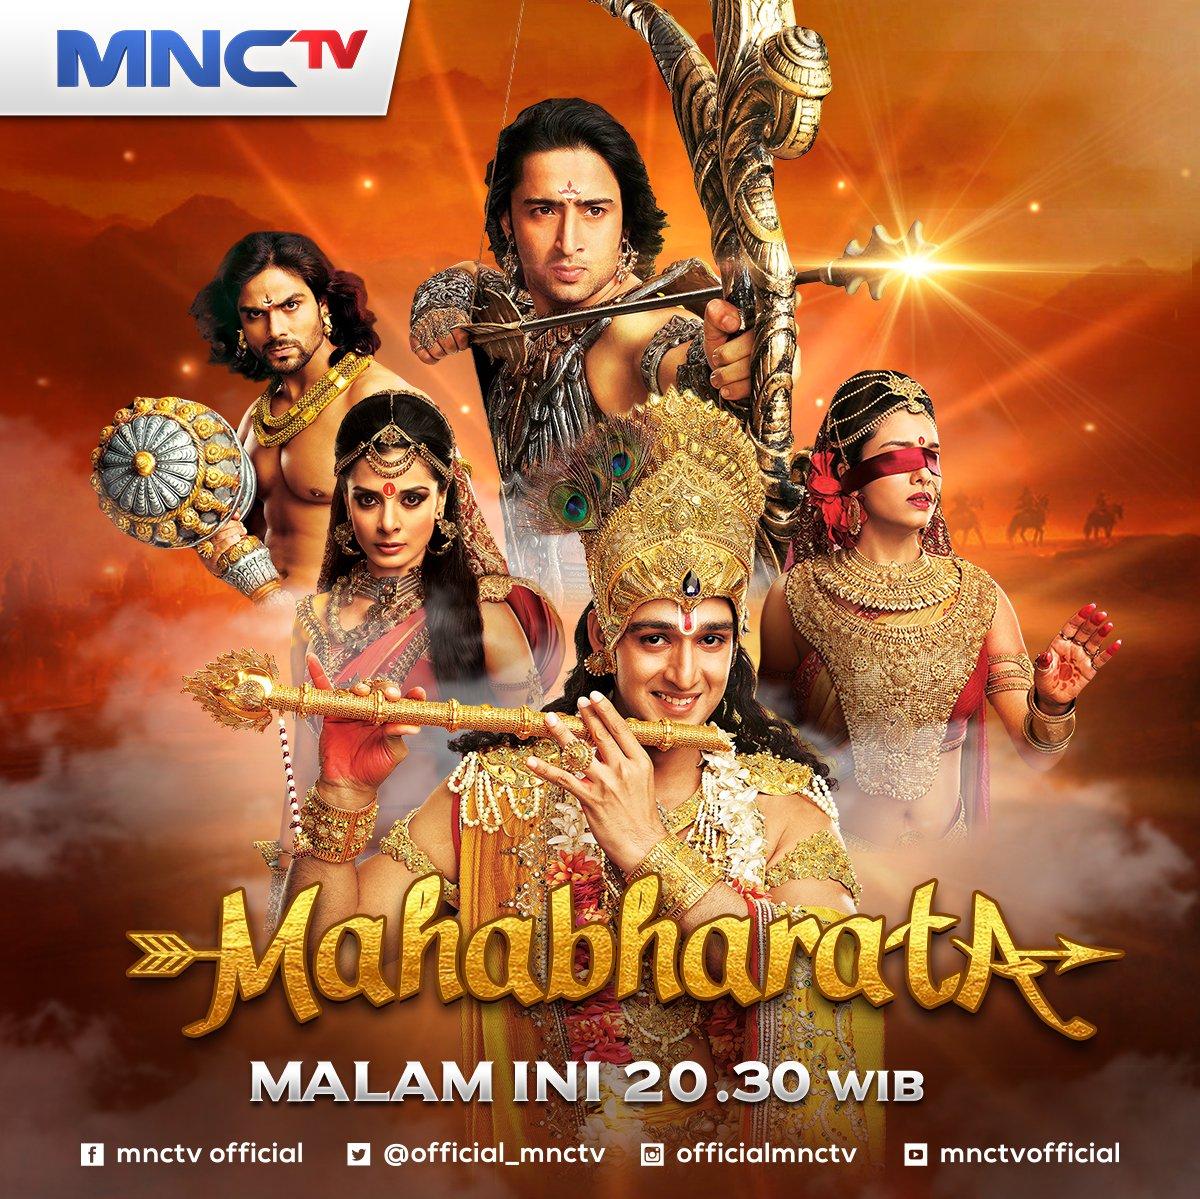 #MahabharataPerpisahan